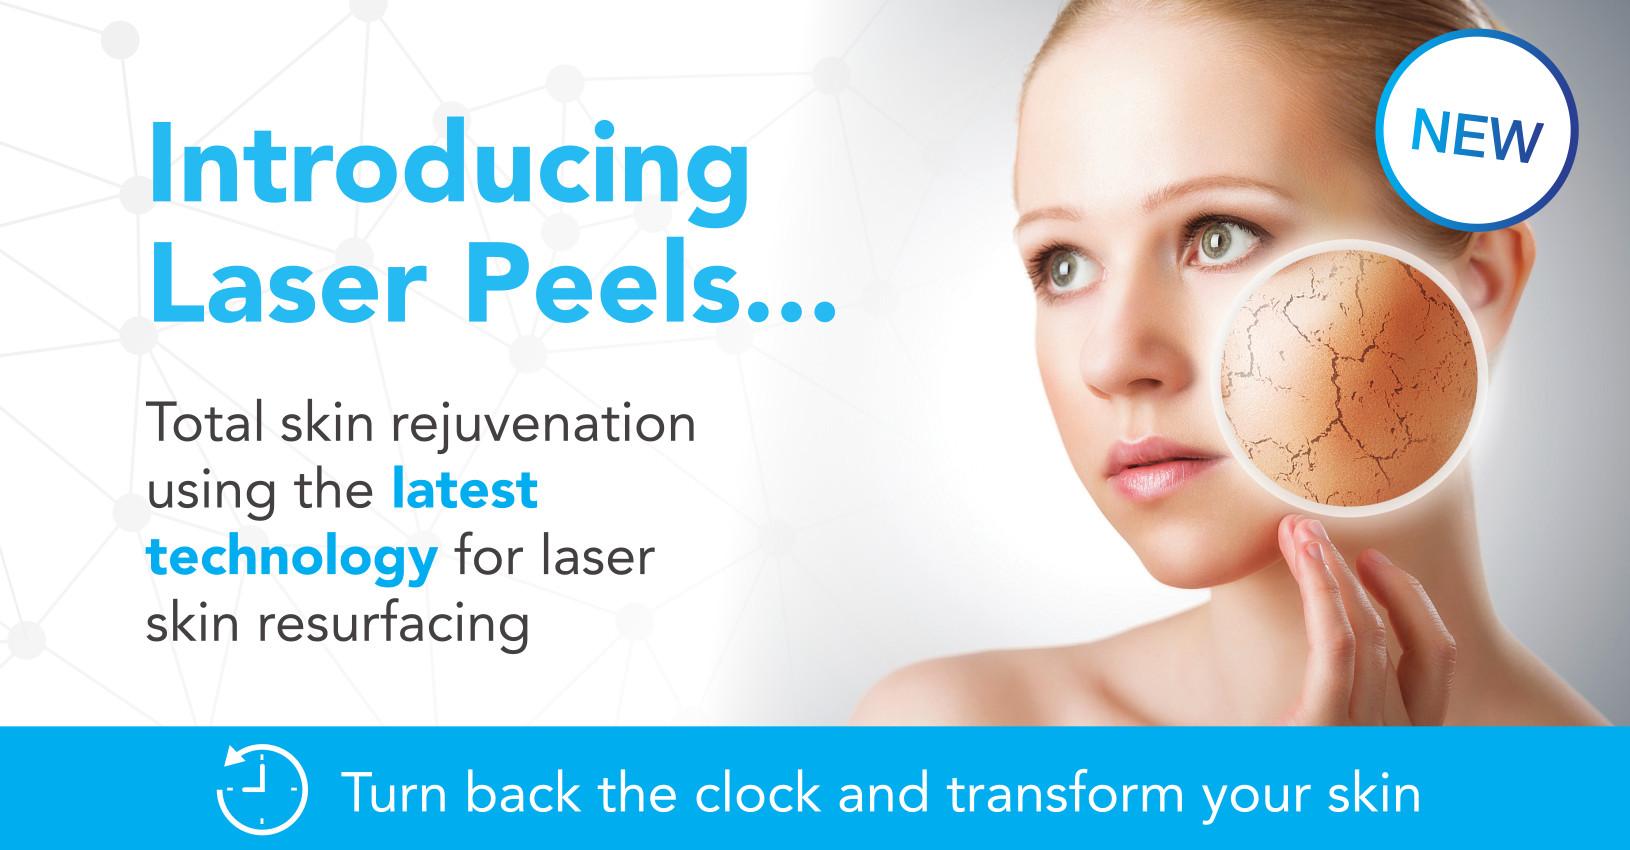 laser peels